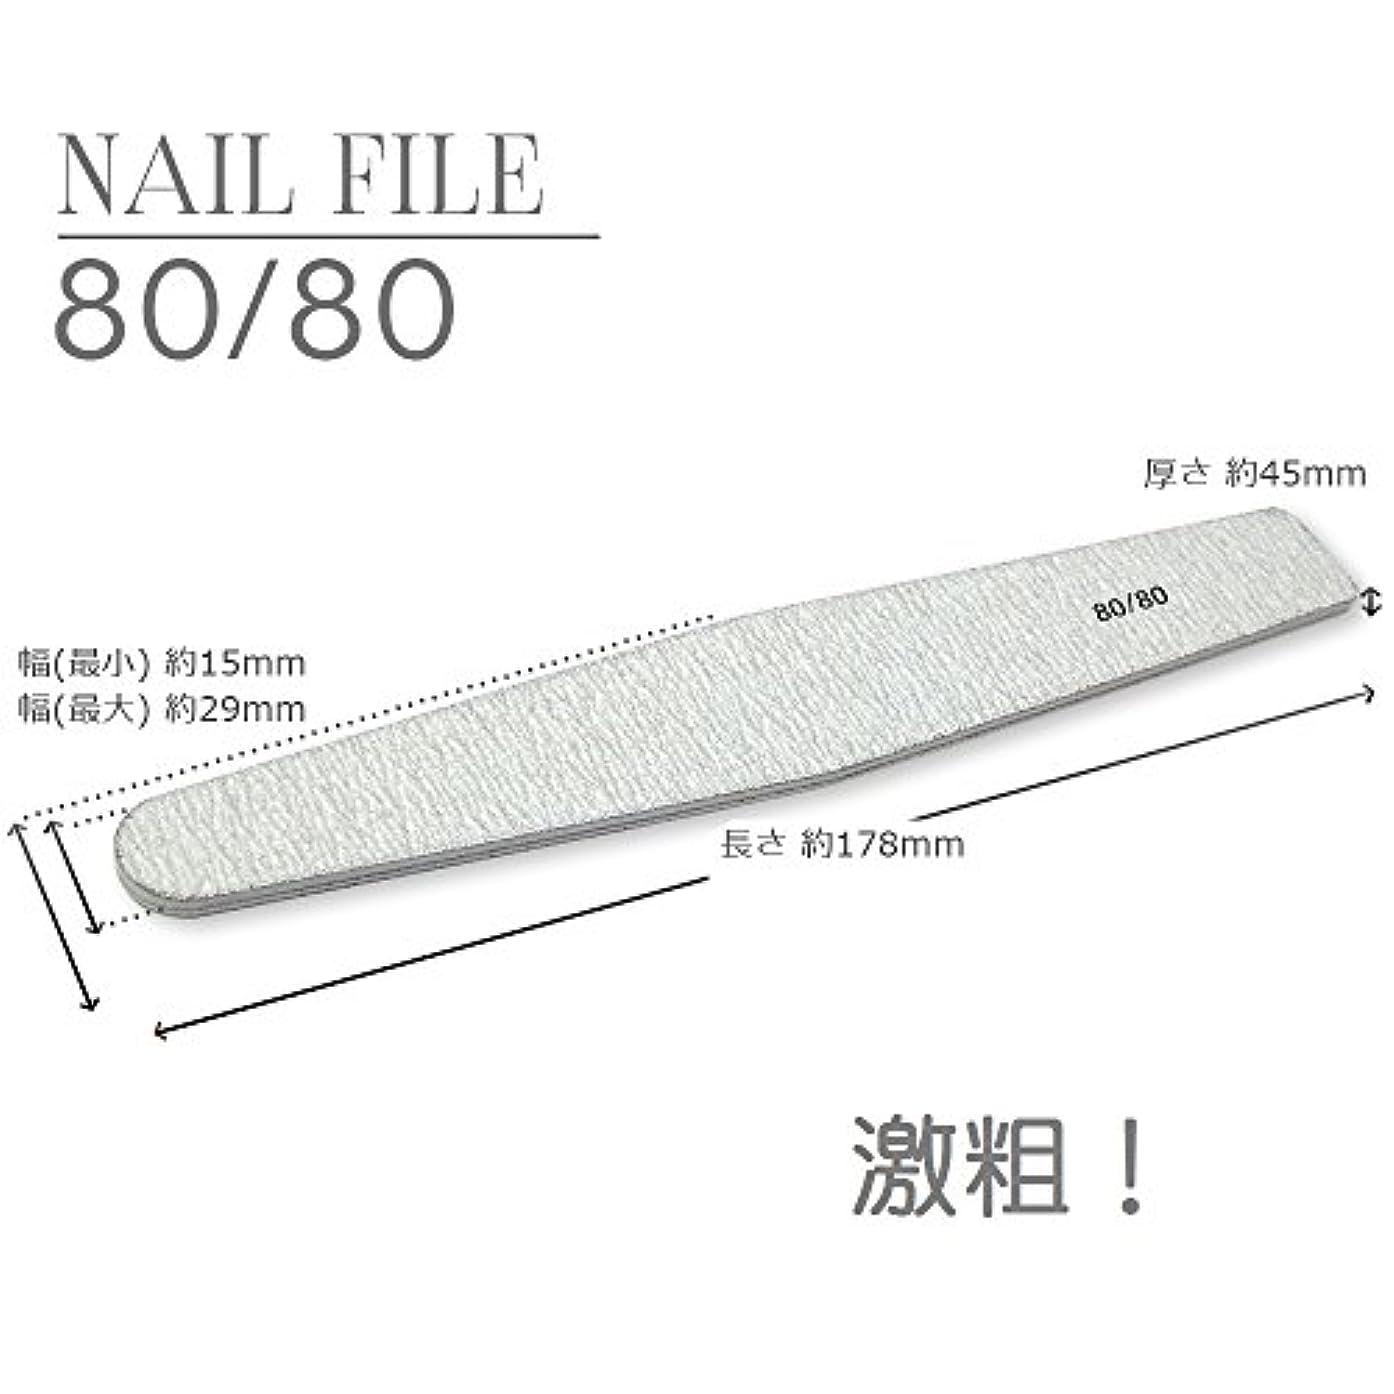 終わった音節インペリアルネイルファイル【80/80】激粗 1本 ★ガリガリ削れます!